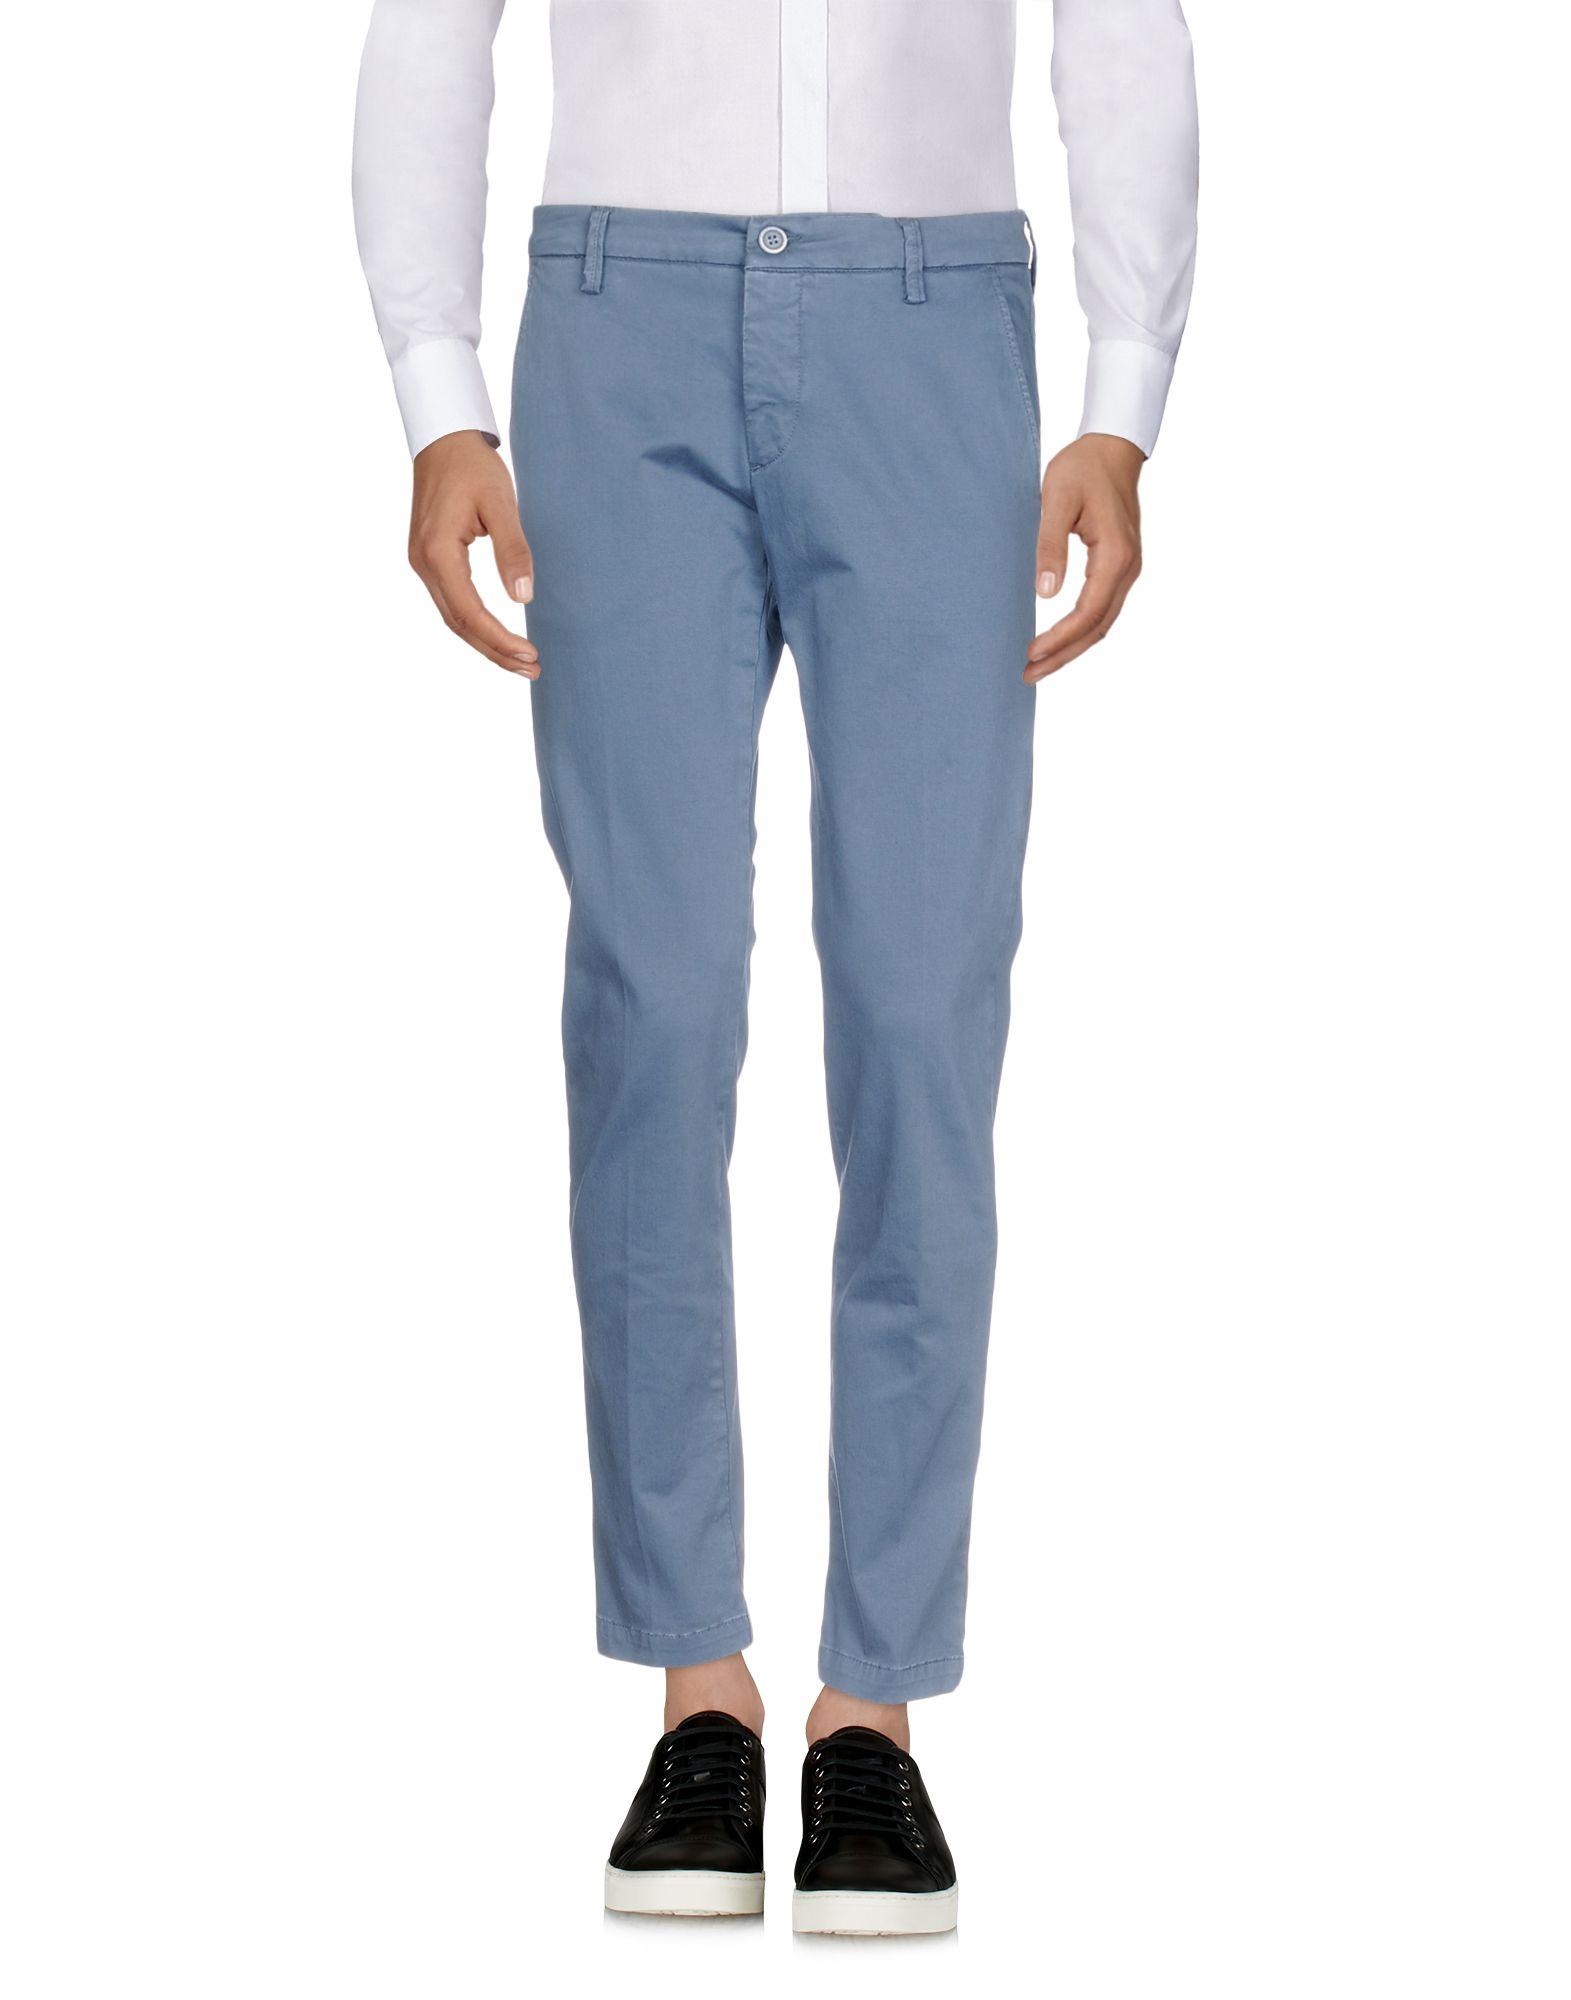 PAUL MIRANDA Повседневные брюки paul taylor повседневные брюки page 7